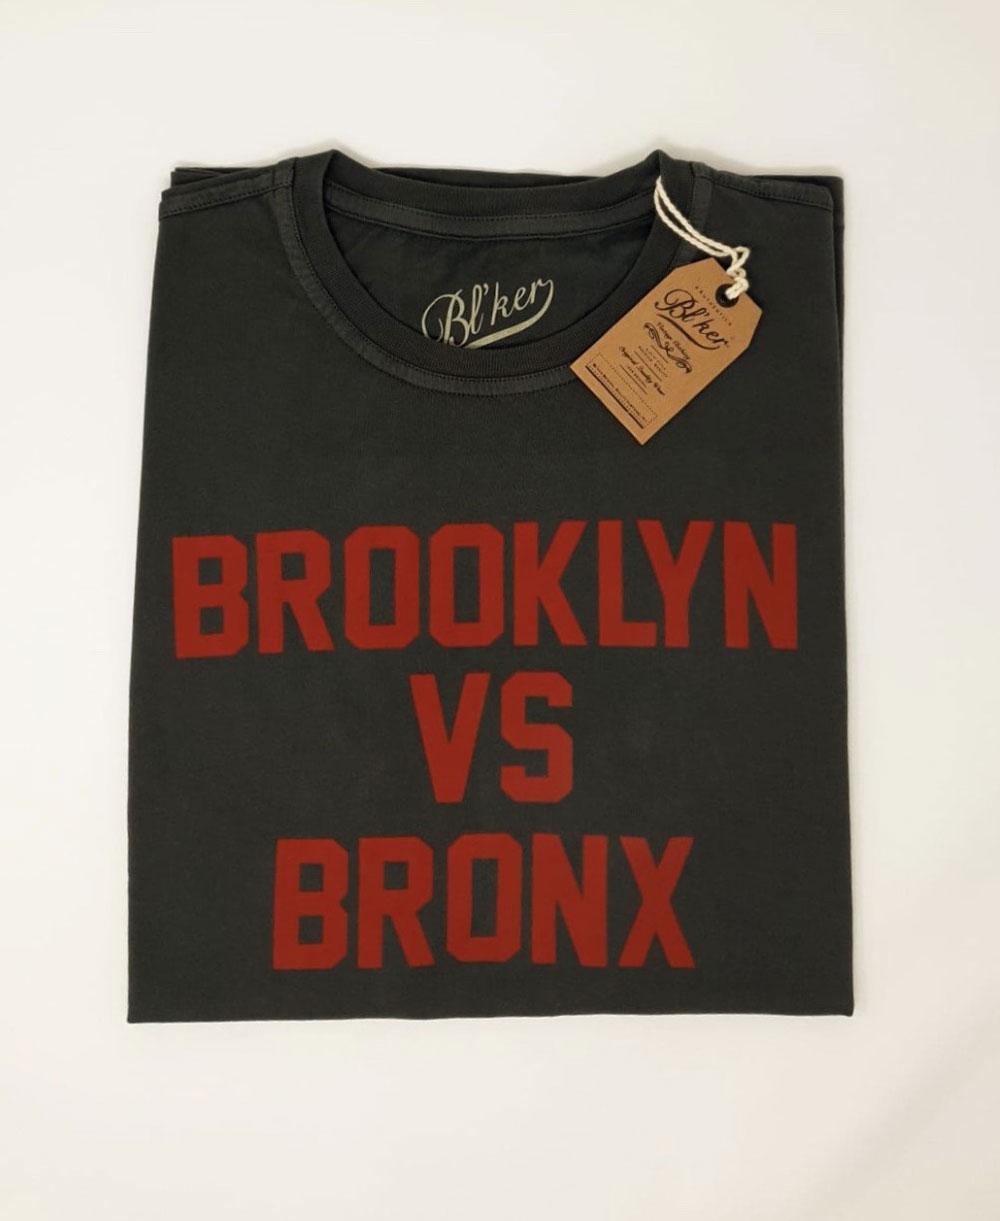 Men's Short Sleeve T-Shirt Brkln Vs Bronx Faded Black